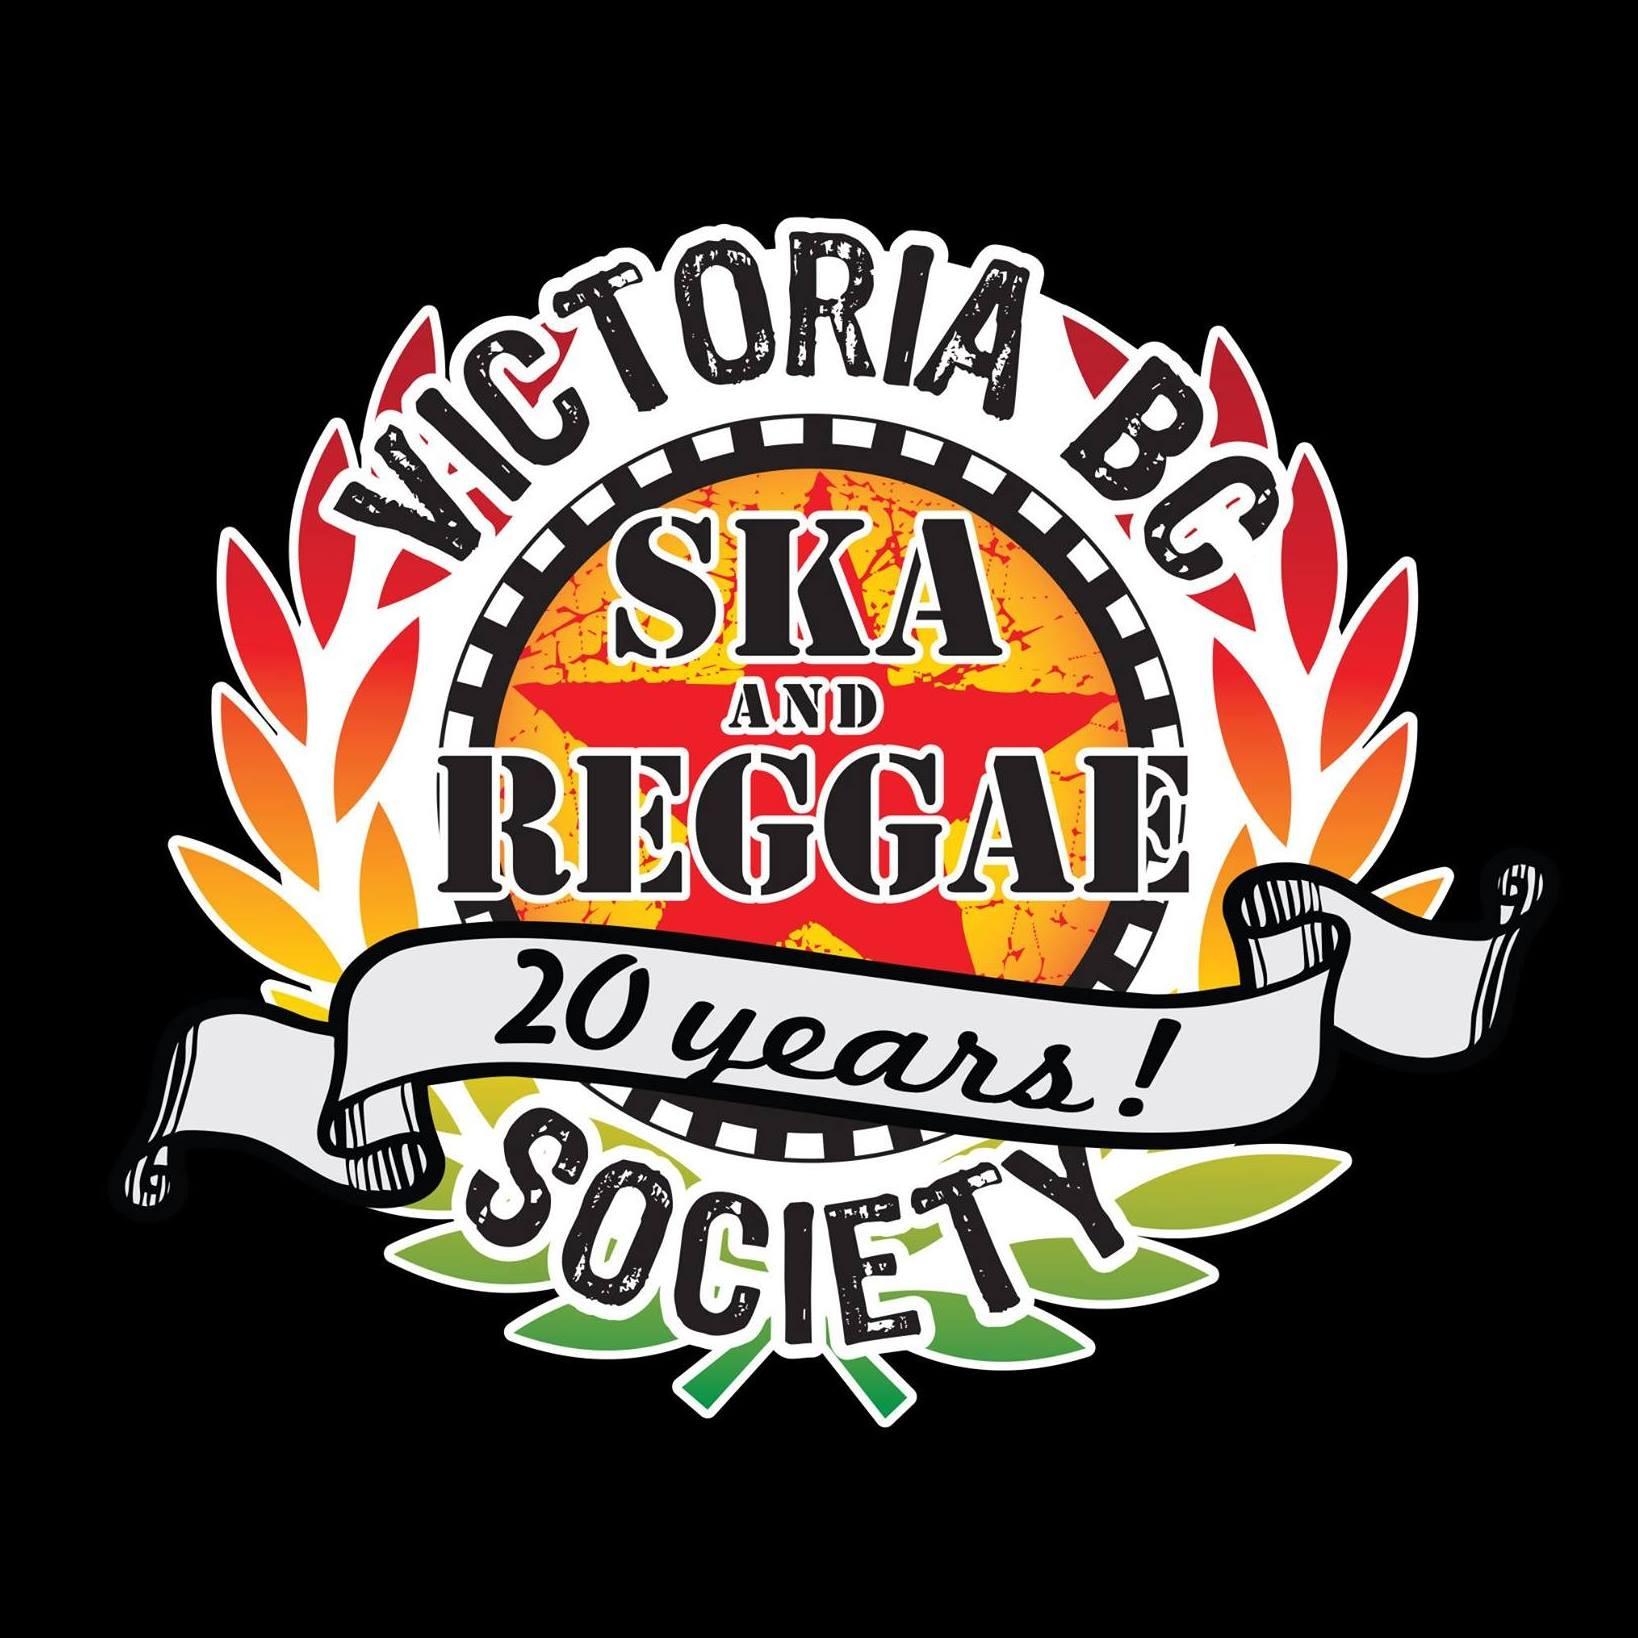 Music Festivals in Victoria British Columbia